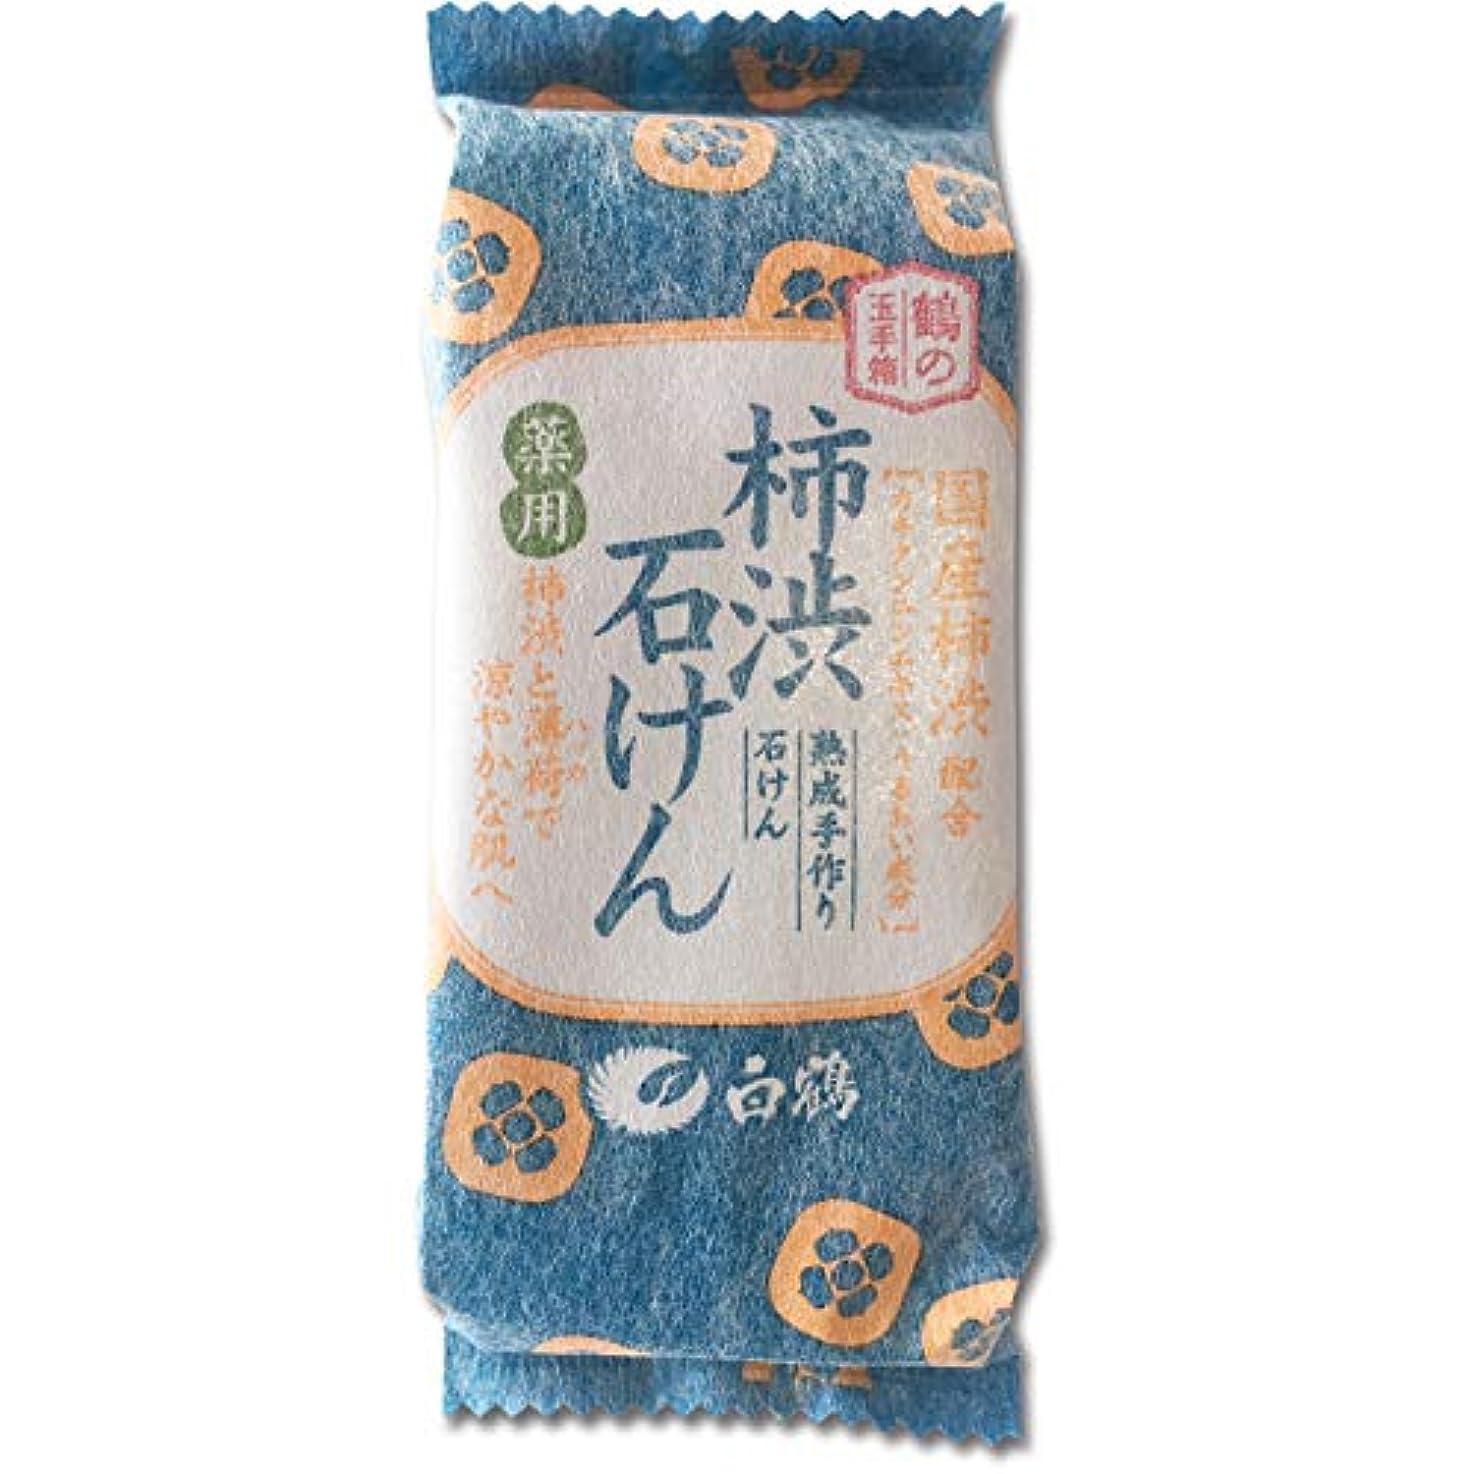 つかいます平和なストレージ白鶴 鶴の玉手箱 薬用 柿渋石けん 110g (全身用石鹸)